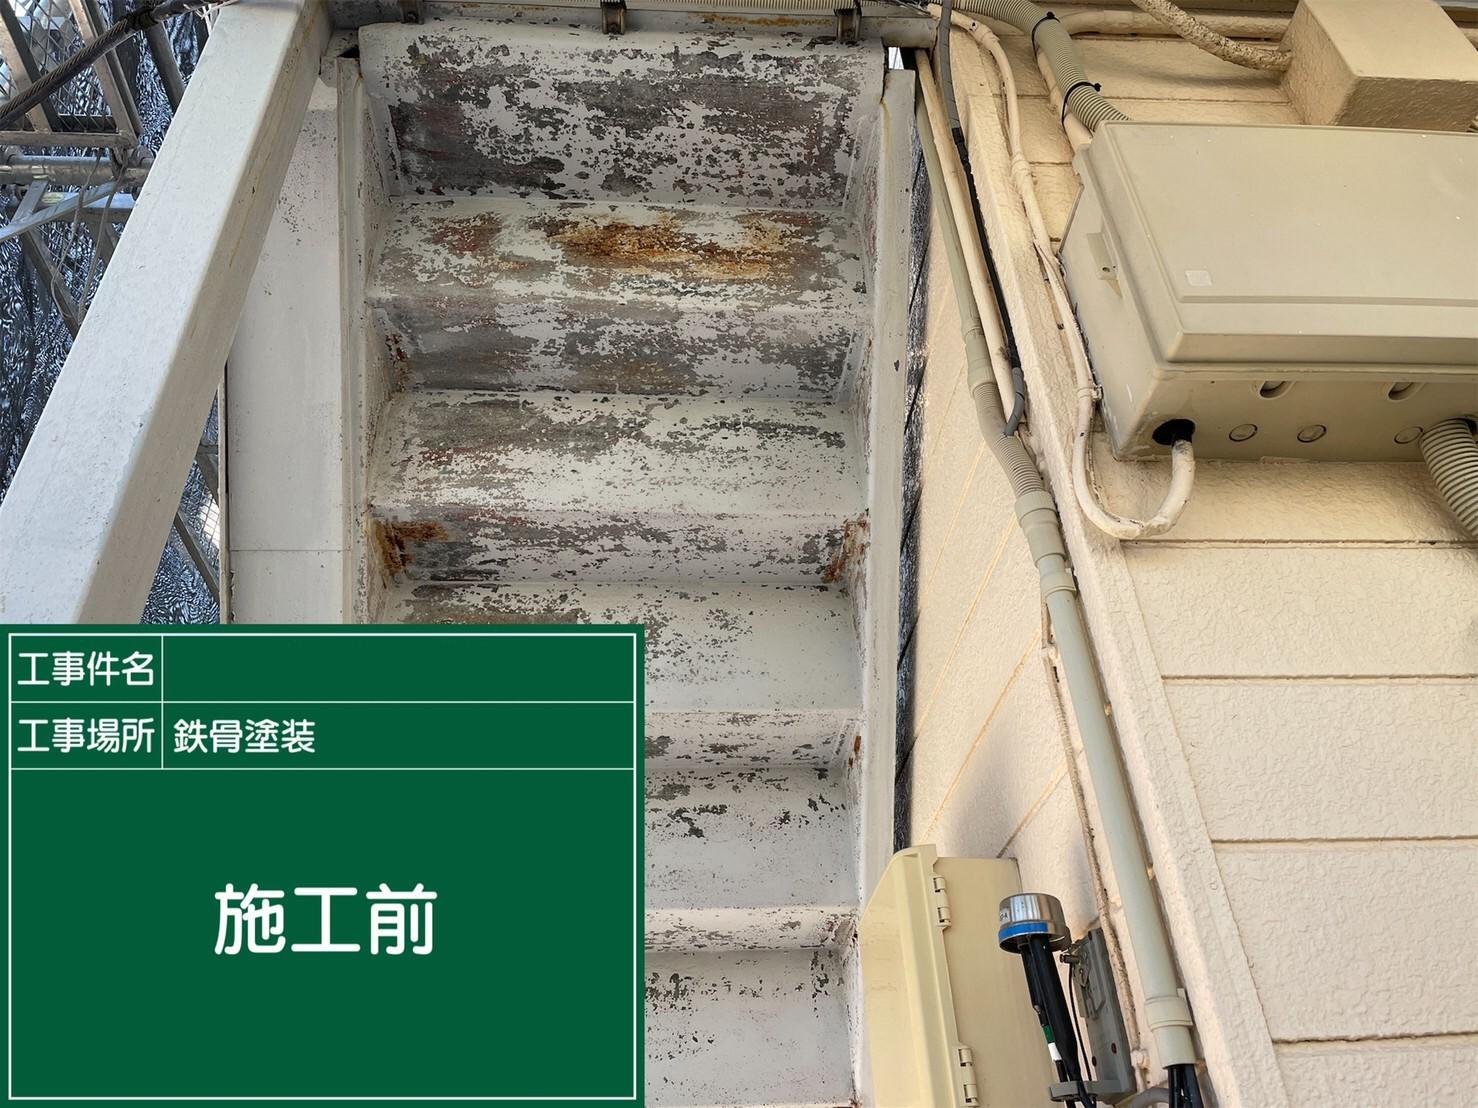 【鉄部塗装】①施工前